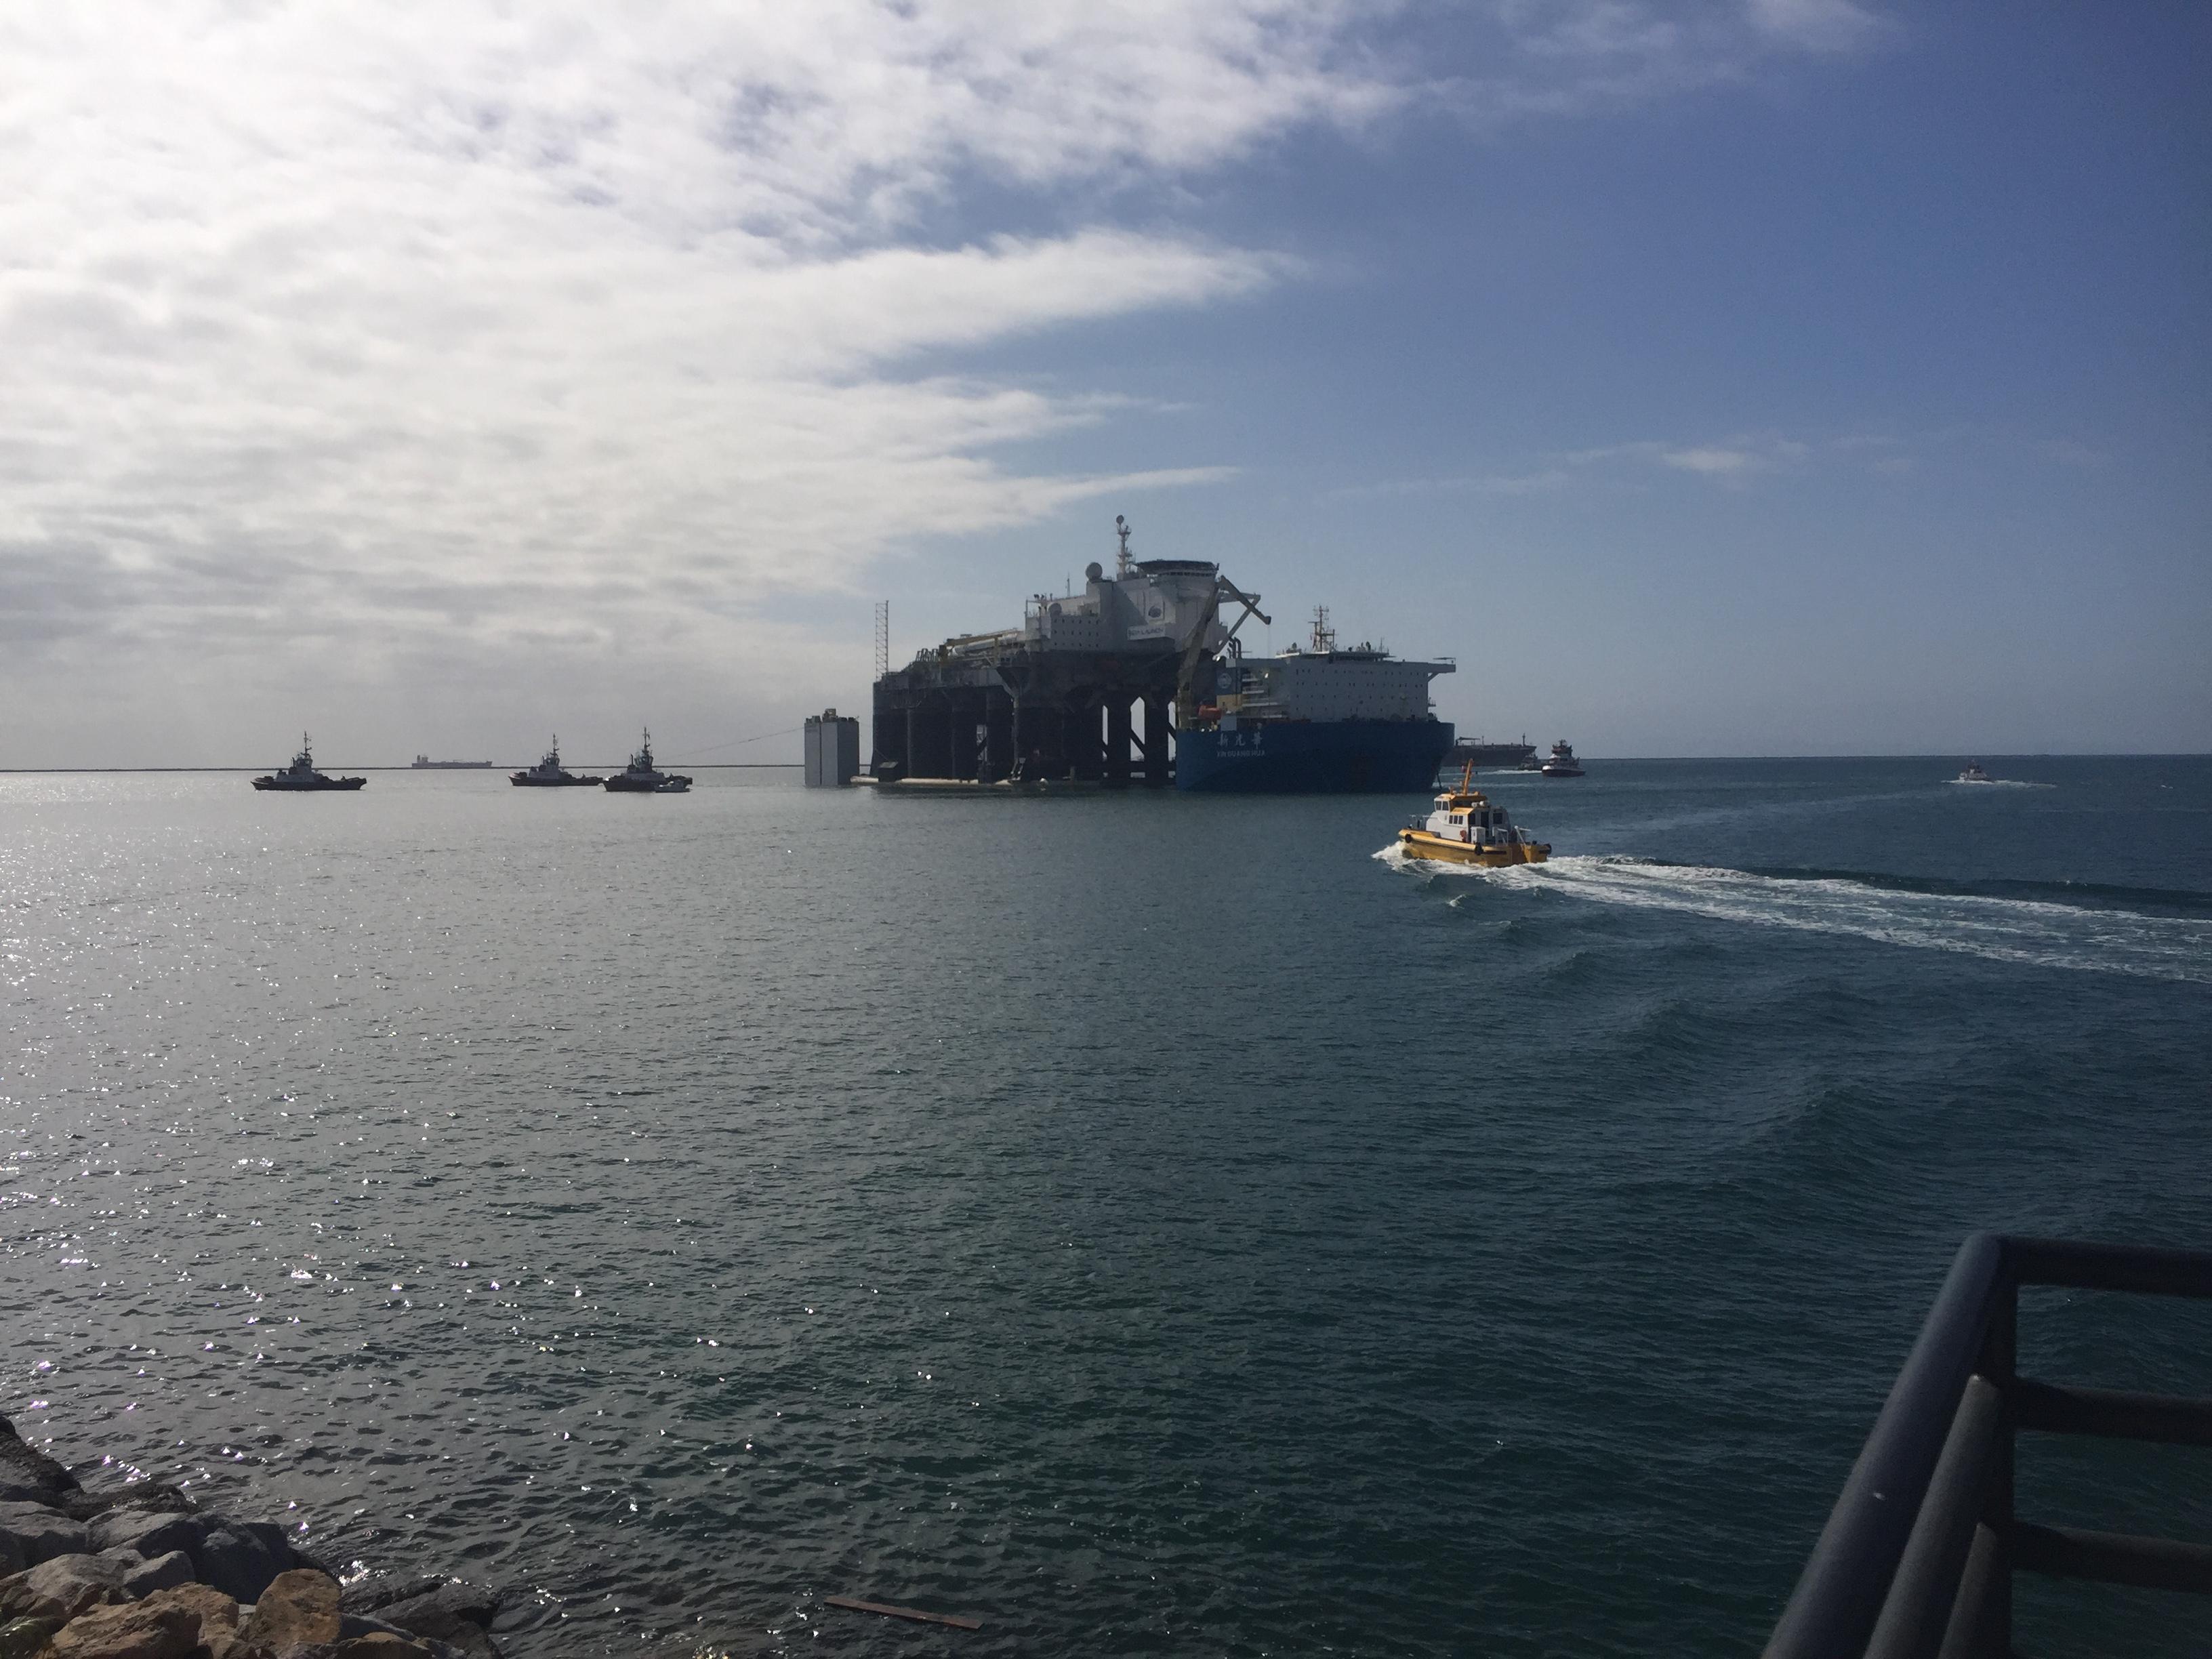 снято нашим агентом  в гавани  порта Лос-Анджелеса, левее стоянка юсовских крейсеров и эсминцев